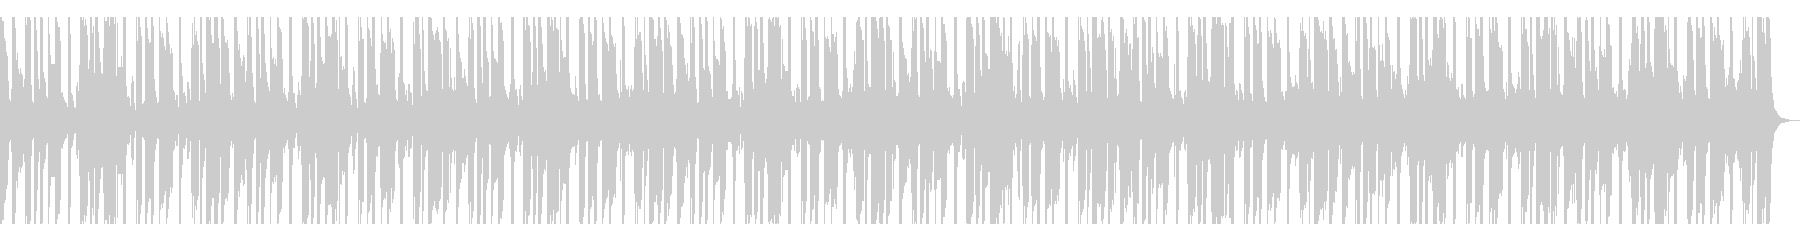 【短いVer11】スローファンクロックの未再生の波形